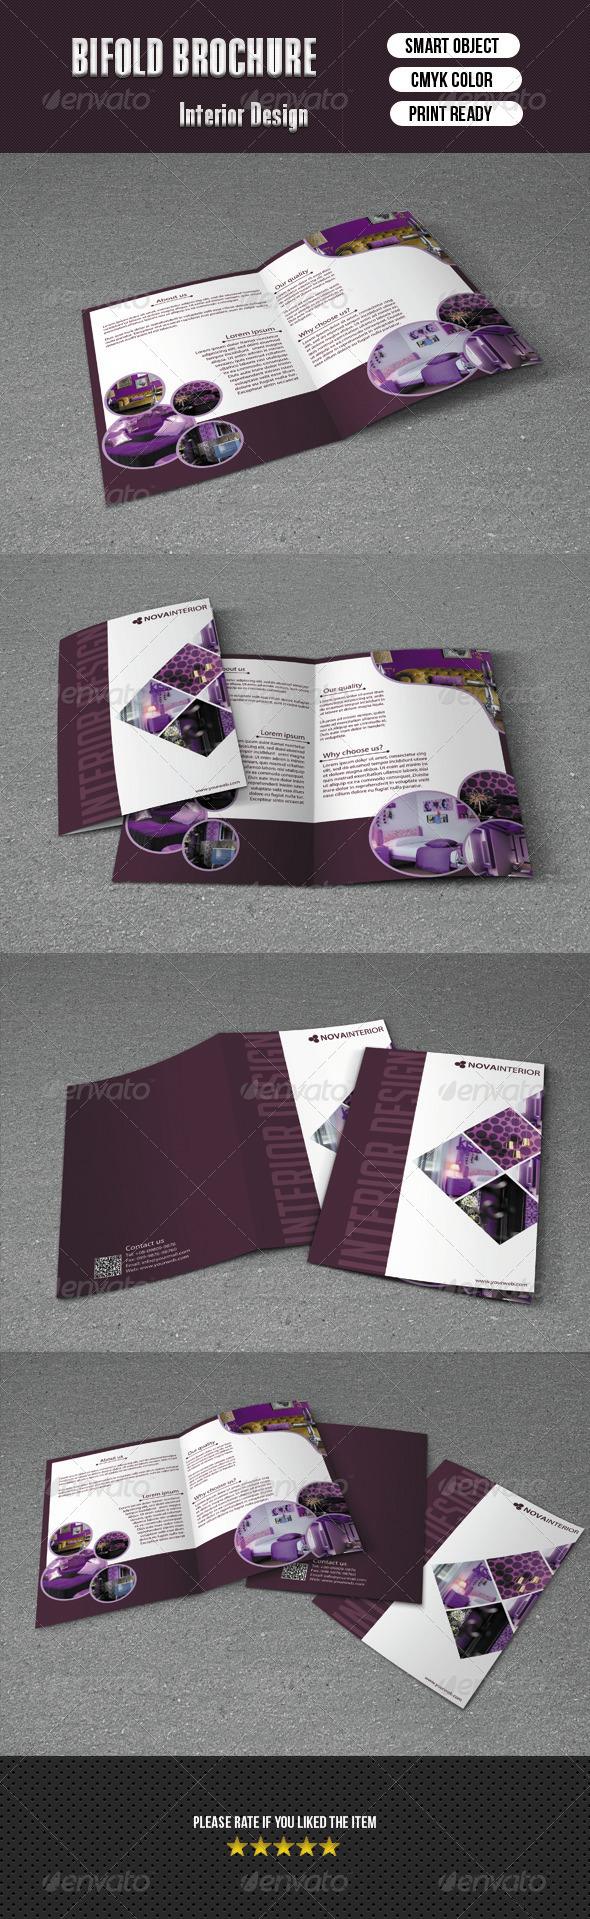 GraphicRiver Bifold Brochure For Interior Design 5837788